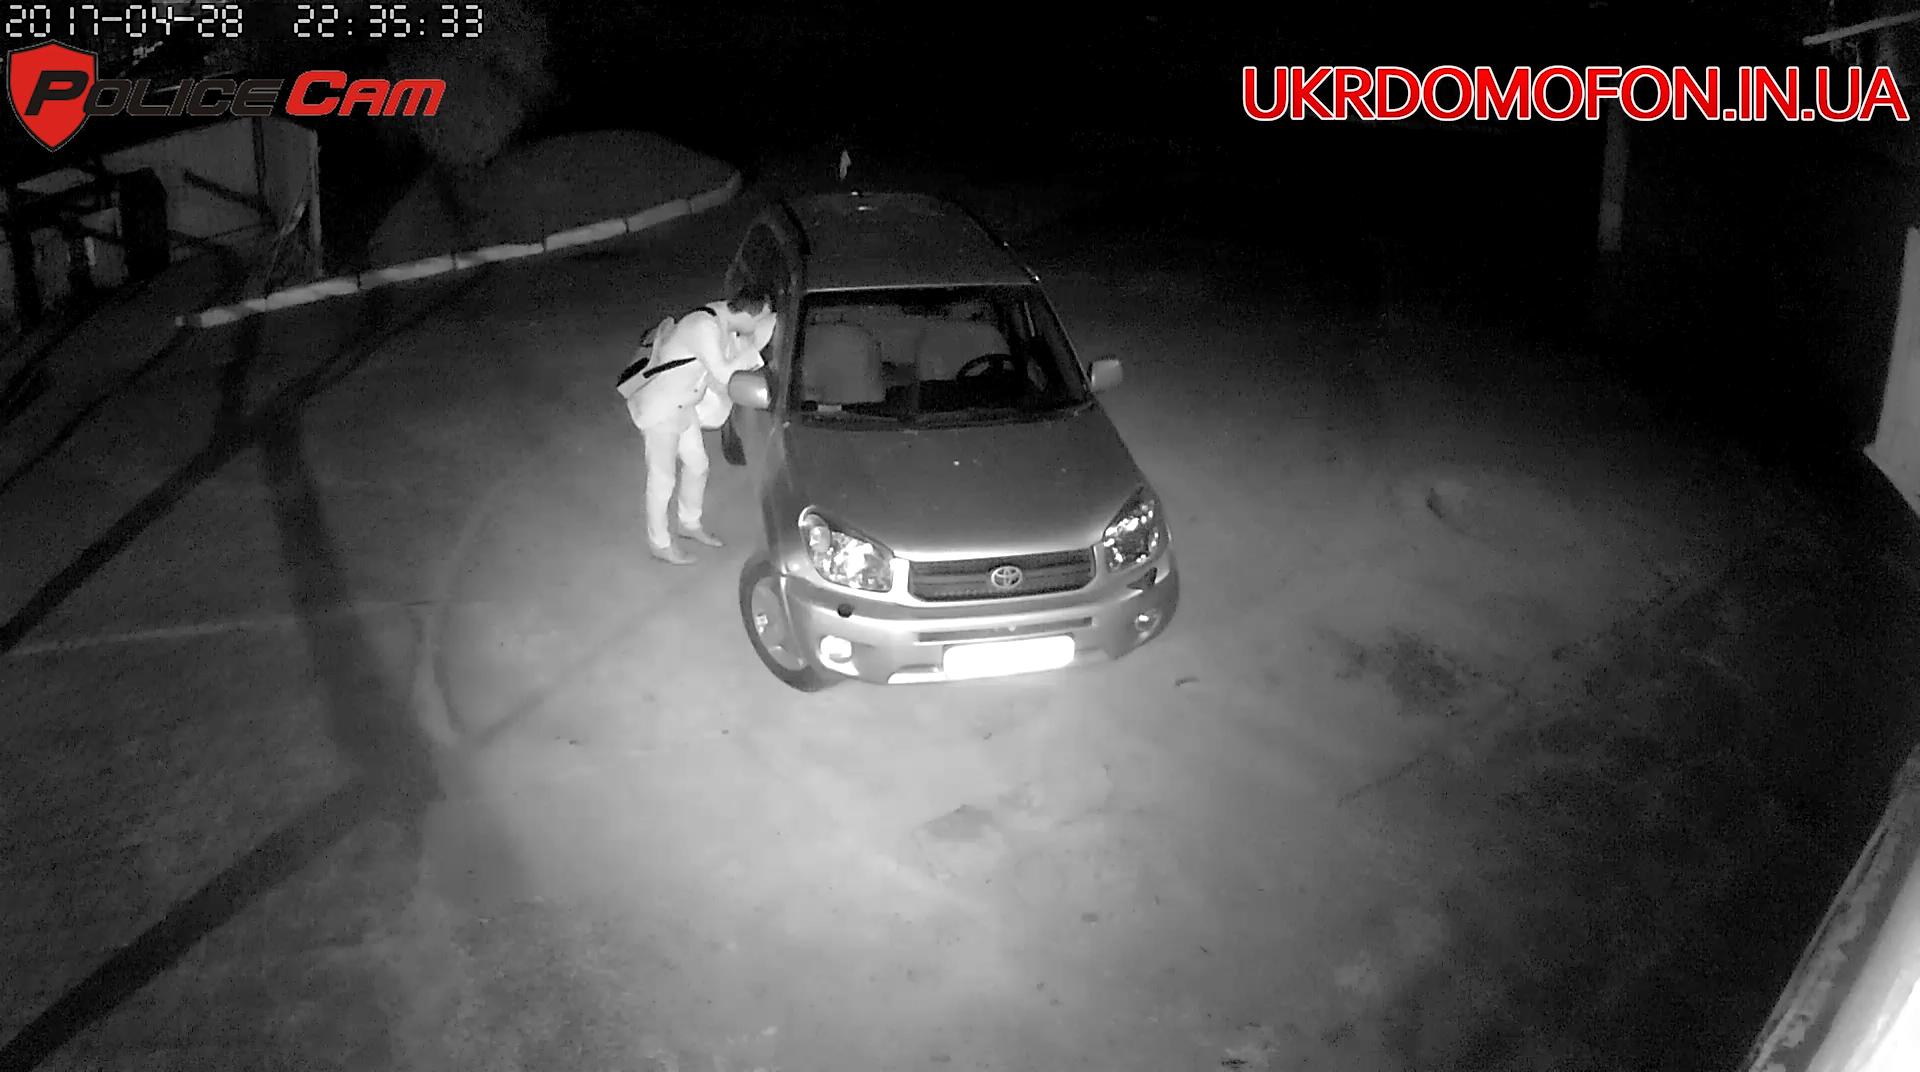 Фото с уличной камеры видеонаблюдения PoliceCam PC-490WIFI IP1080 ночью